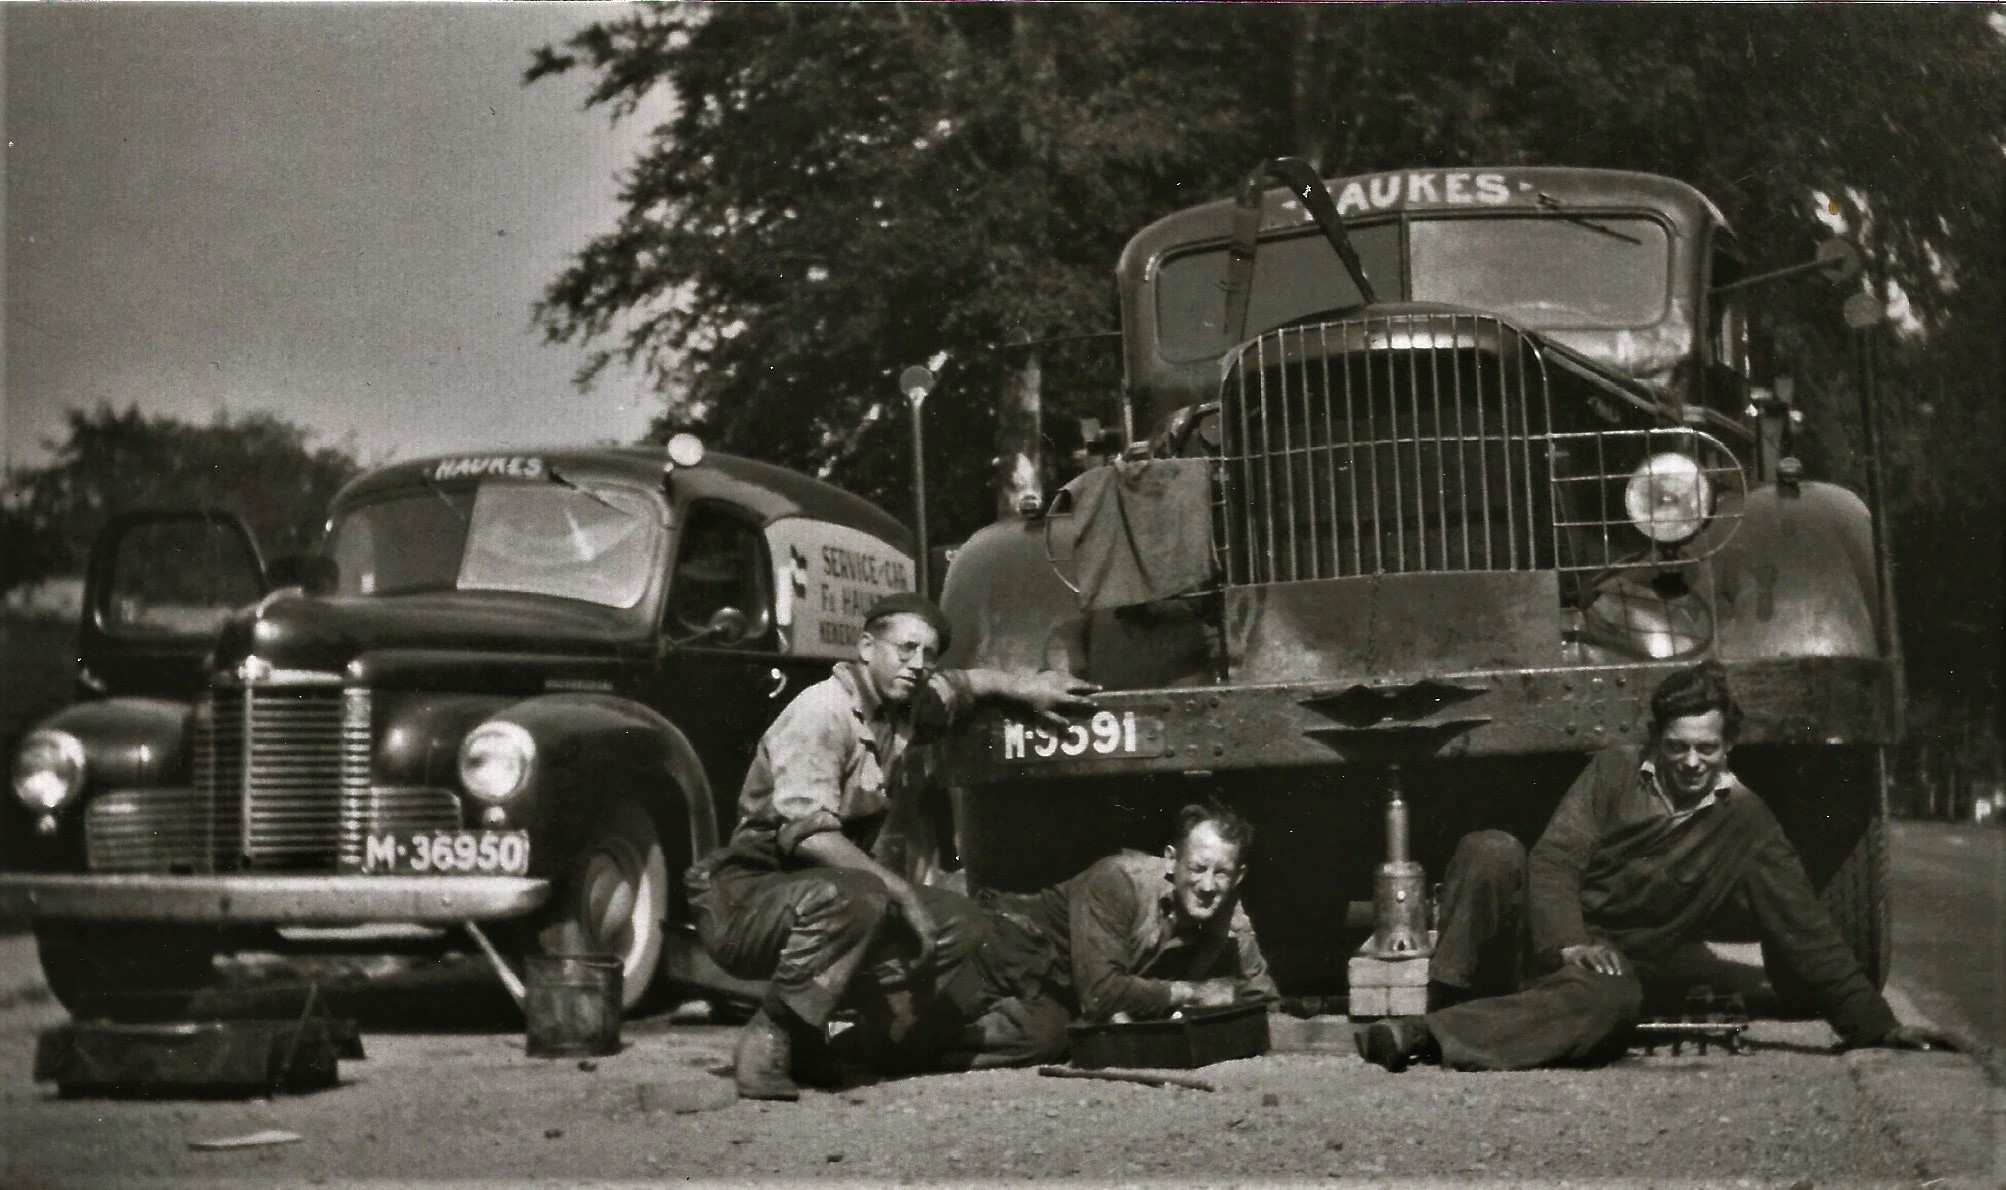 ook-een-Mack-NR-ging-weleens-stuk--op-deze-foto-is-men-bezig-om-een-zuiger-en-een-cilinderbus-te-vervangen-van-deze-Mack-Lanova-diesel-